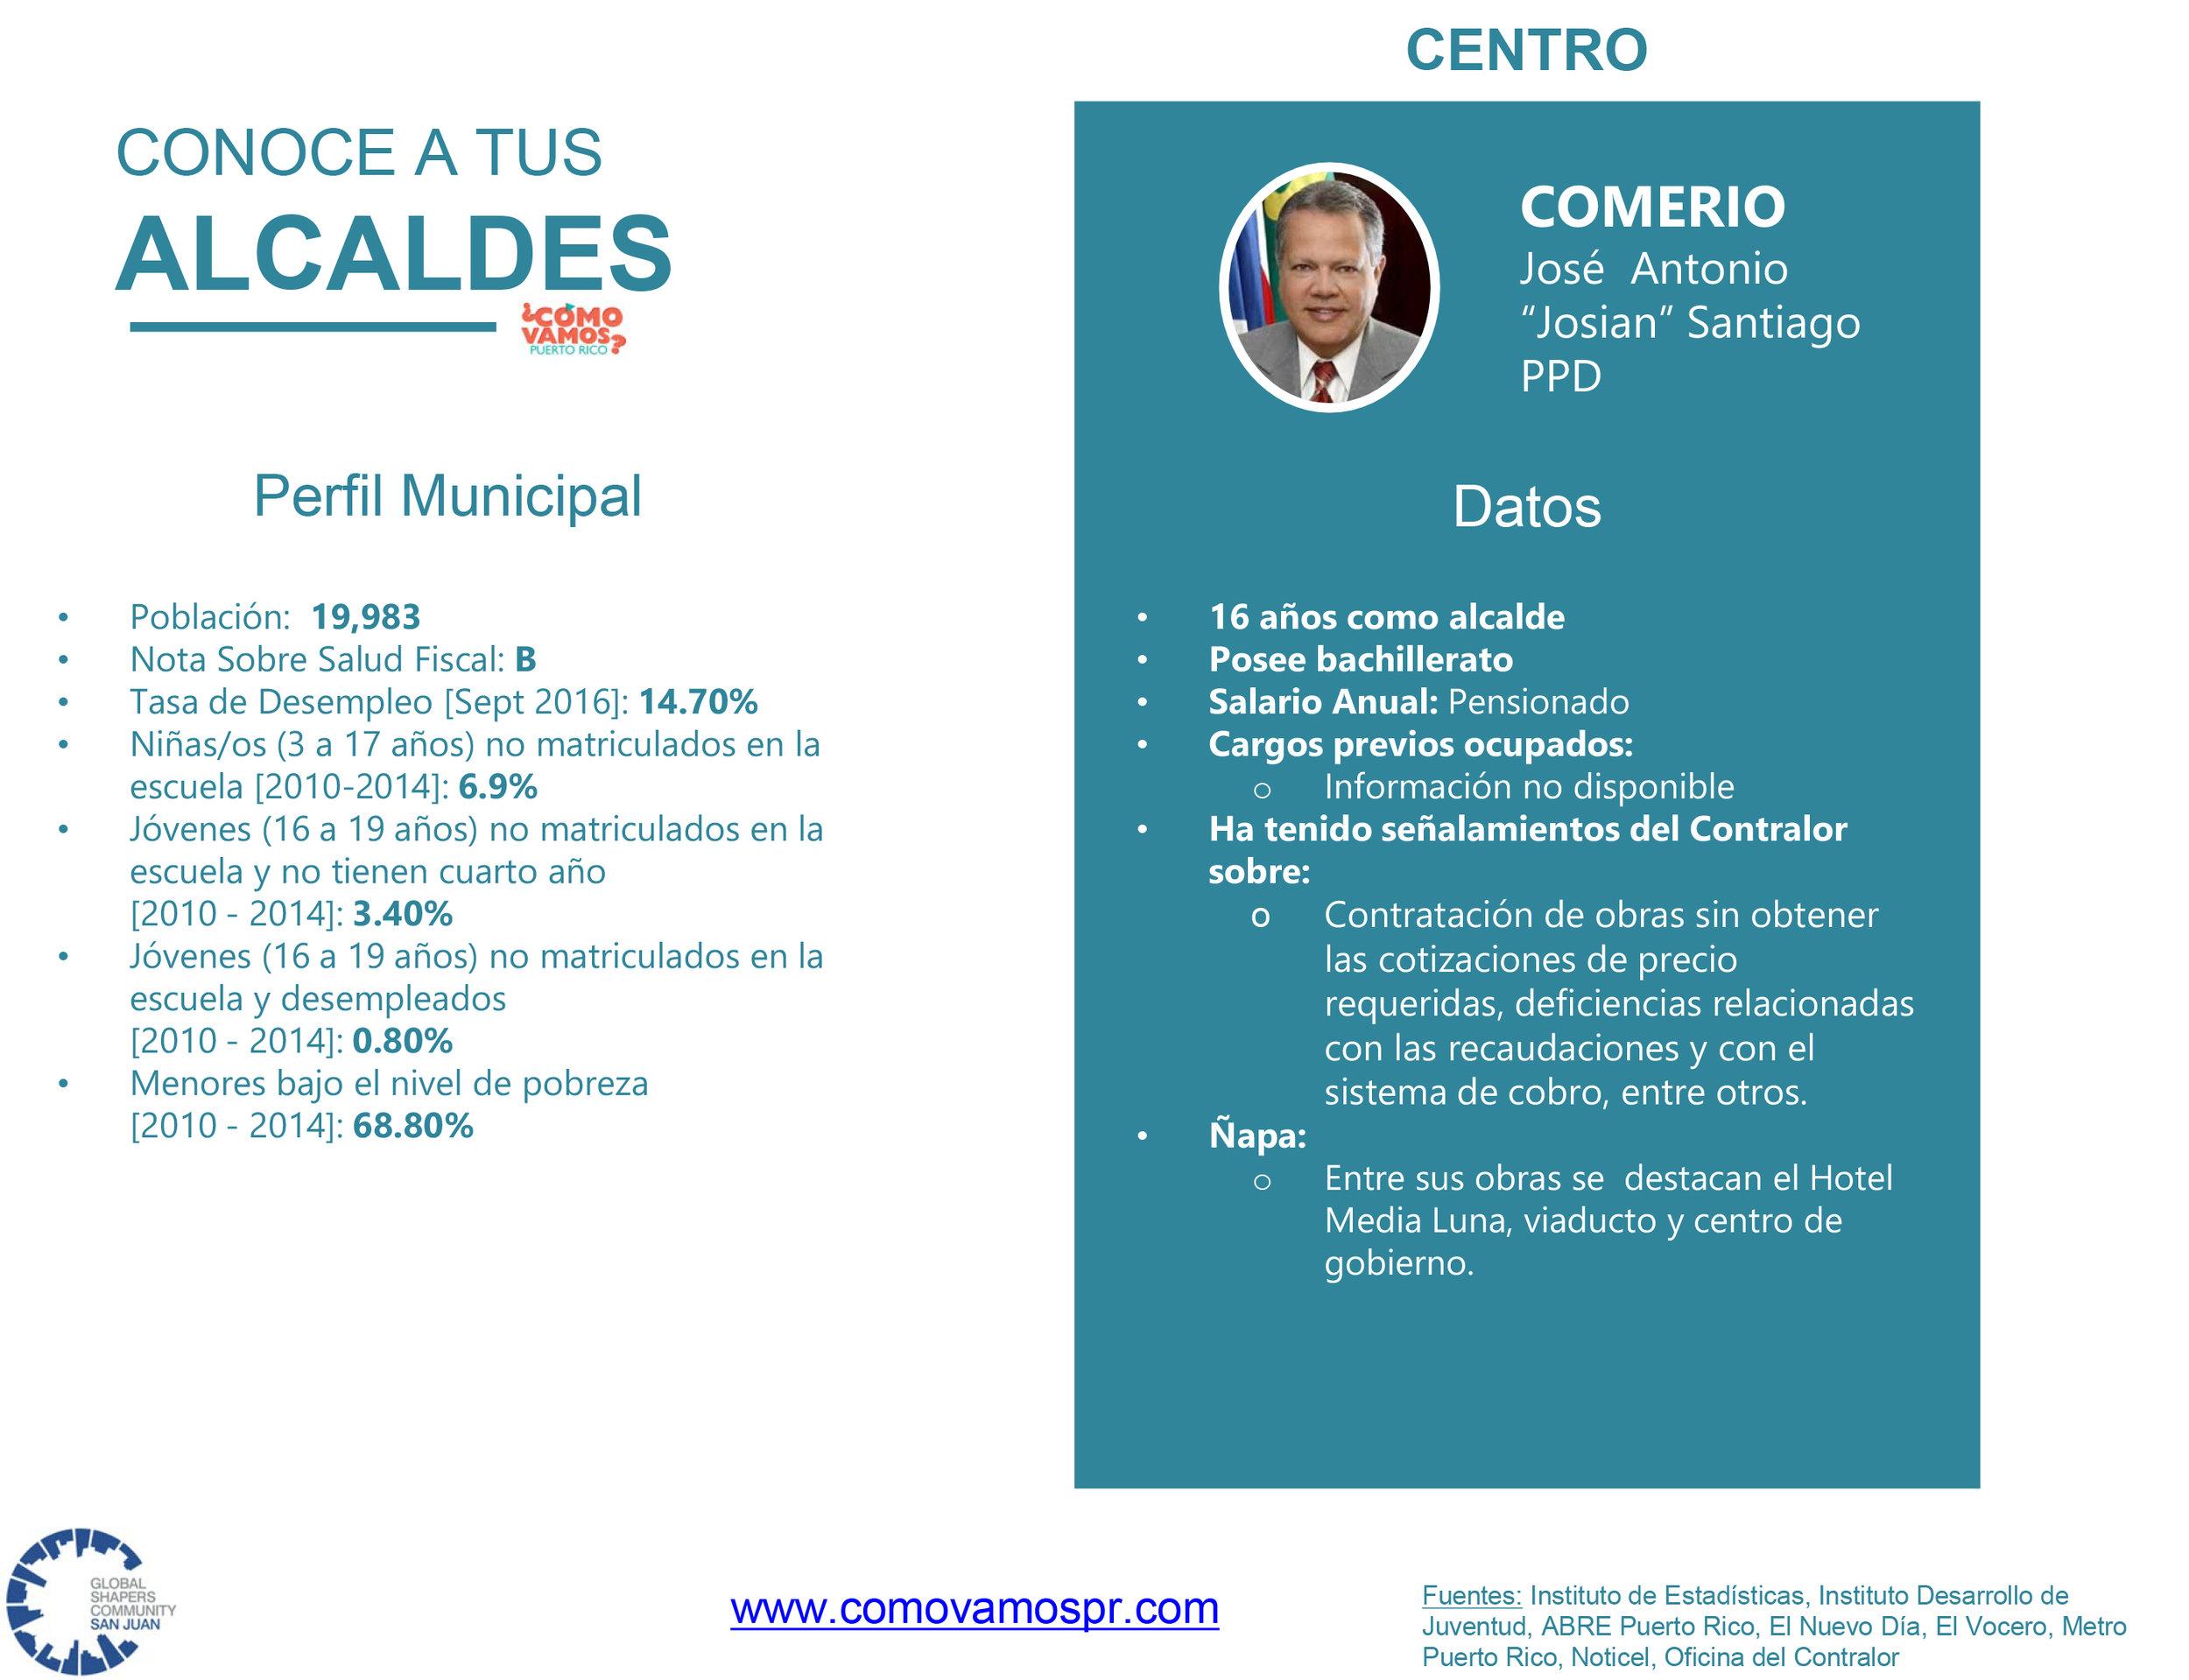 Alcaldes_Centro_Comerio.jpg